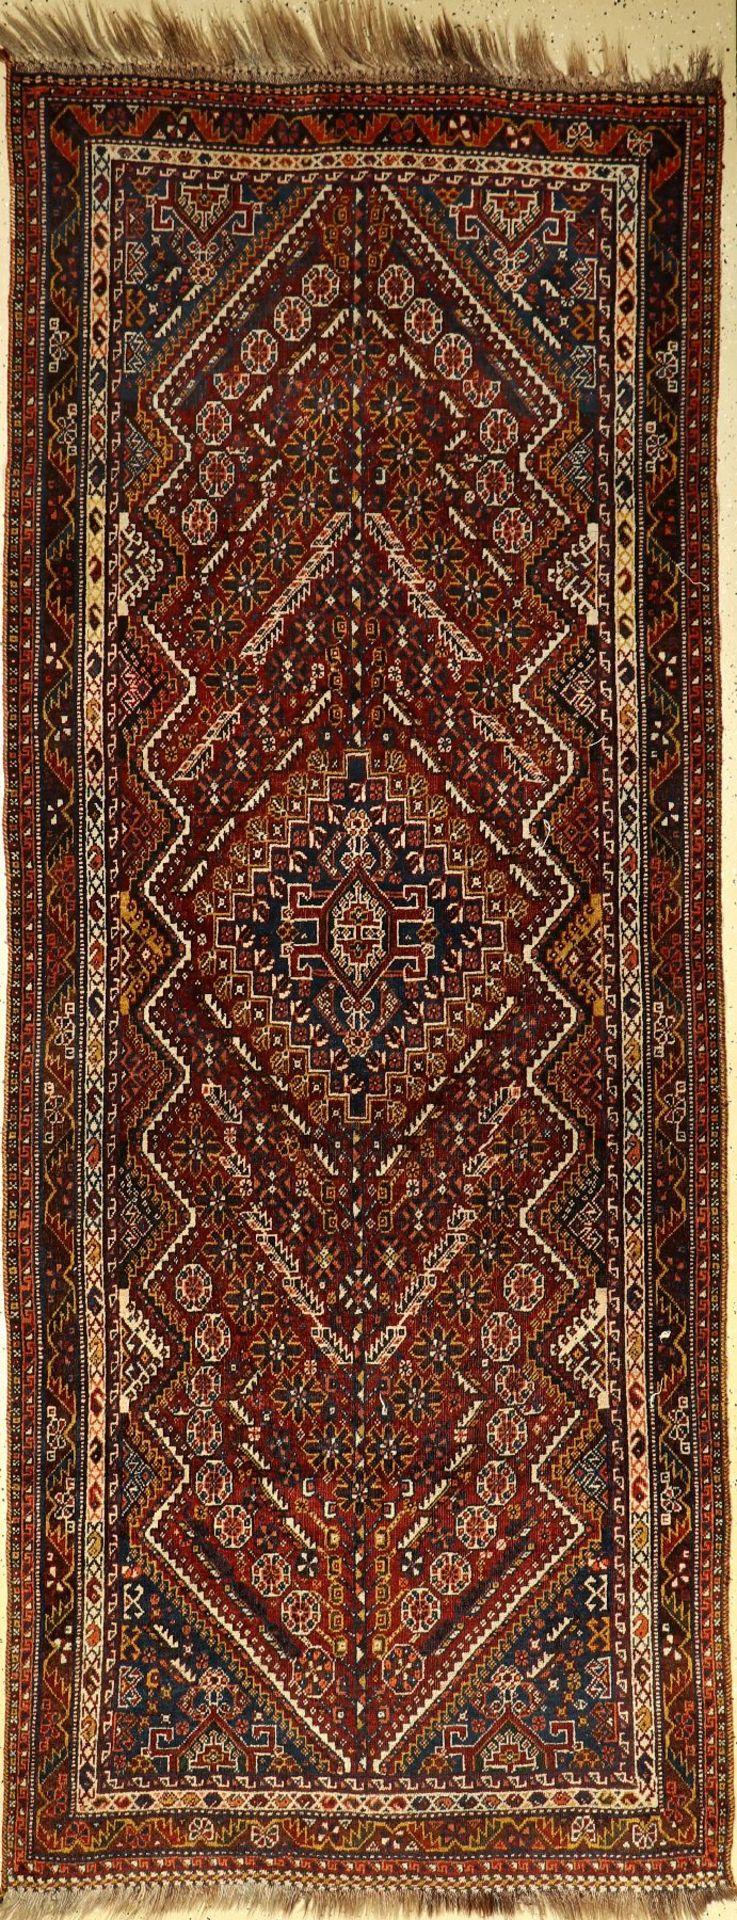 Schiraz, Persien, um 1940, Wolle auf Wolle,ca. 307 x 122 cm, EHZ: 3Shiraz, Persia, around 1940, wool